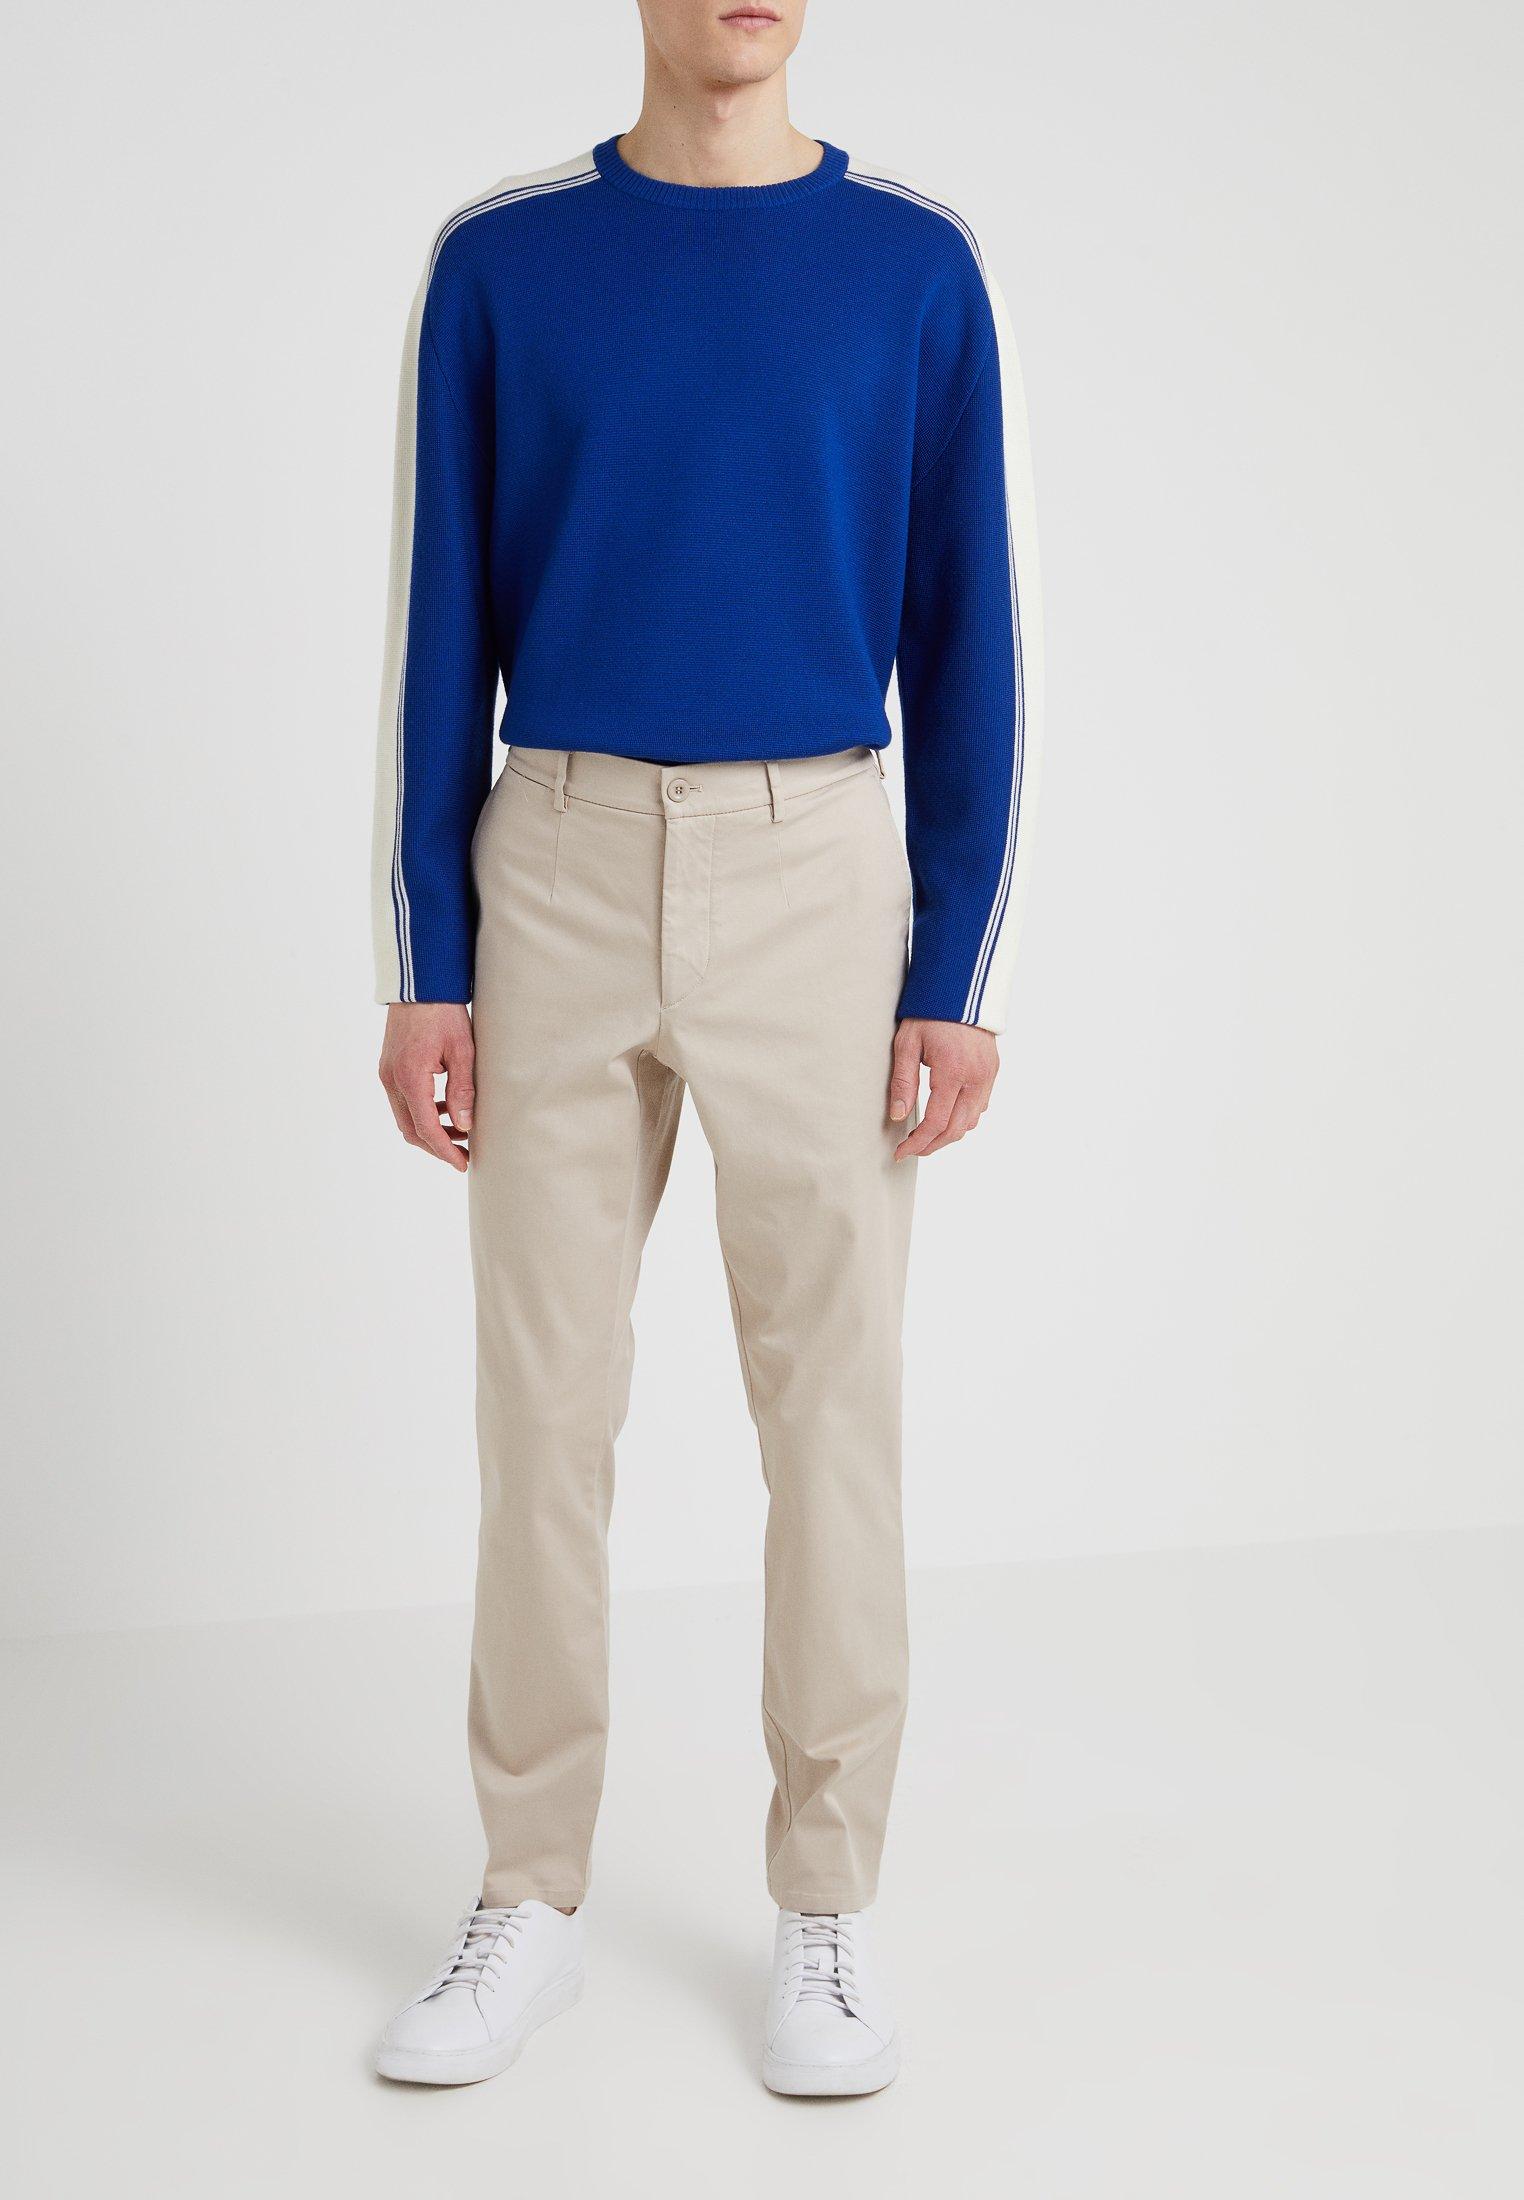 Filippa Filippa K K Pantalon Pantalon ClassiqueKhaki ClassiqueKhaki K Filippa Pantalon fyY76vbg